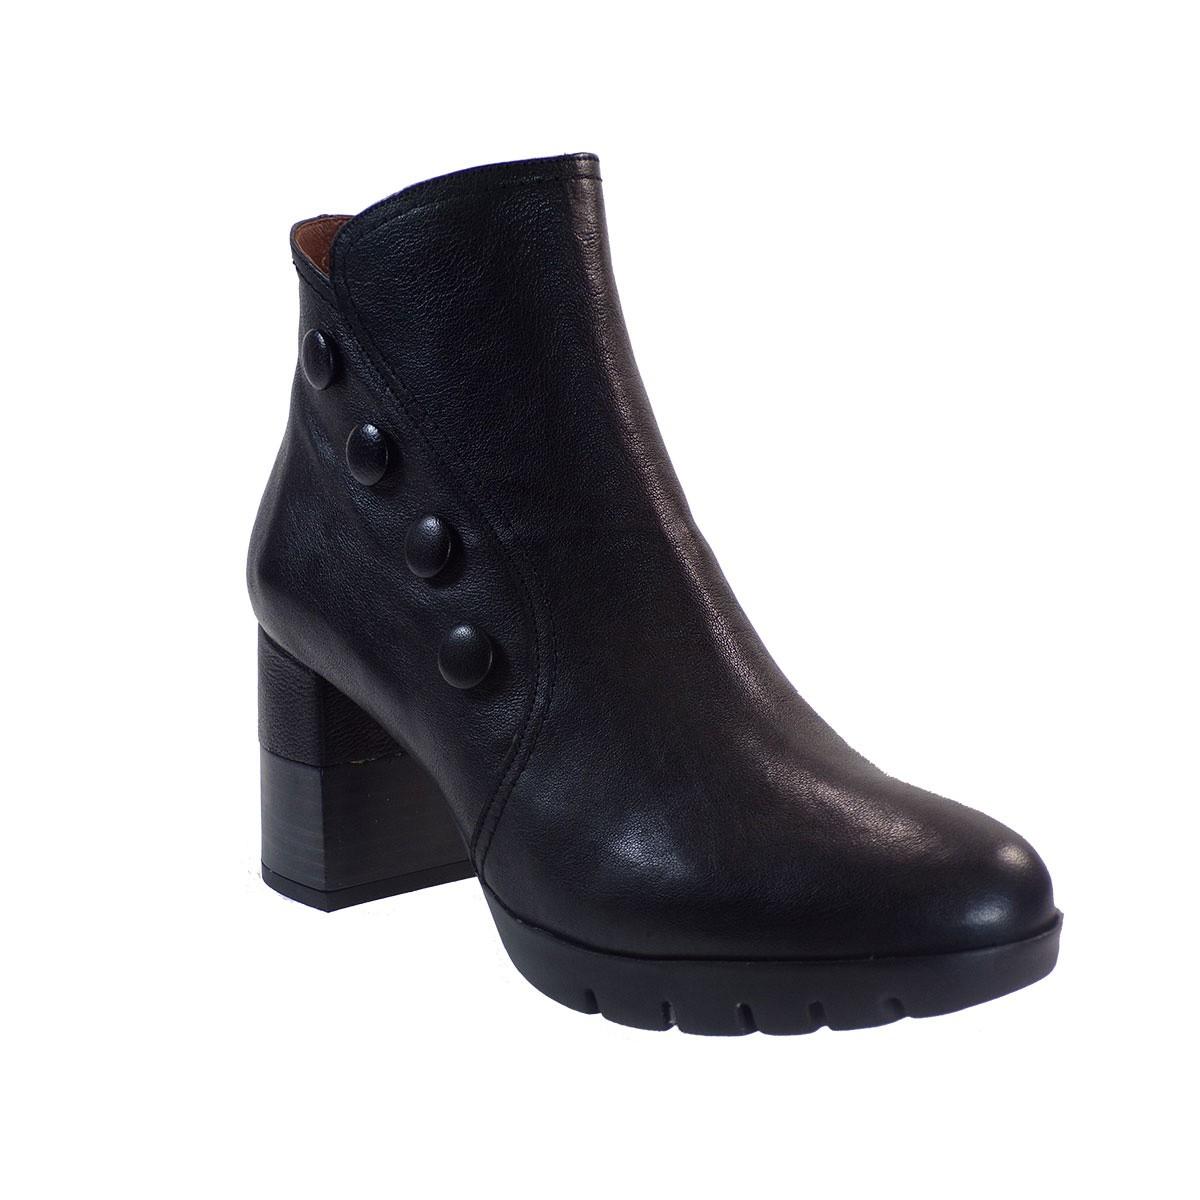 Hispanitas Γυναικεία Παπούτσια Mποτάκια HI99388 Μαύρο Δέρμα